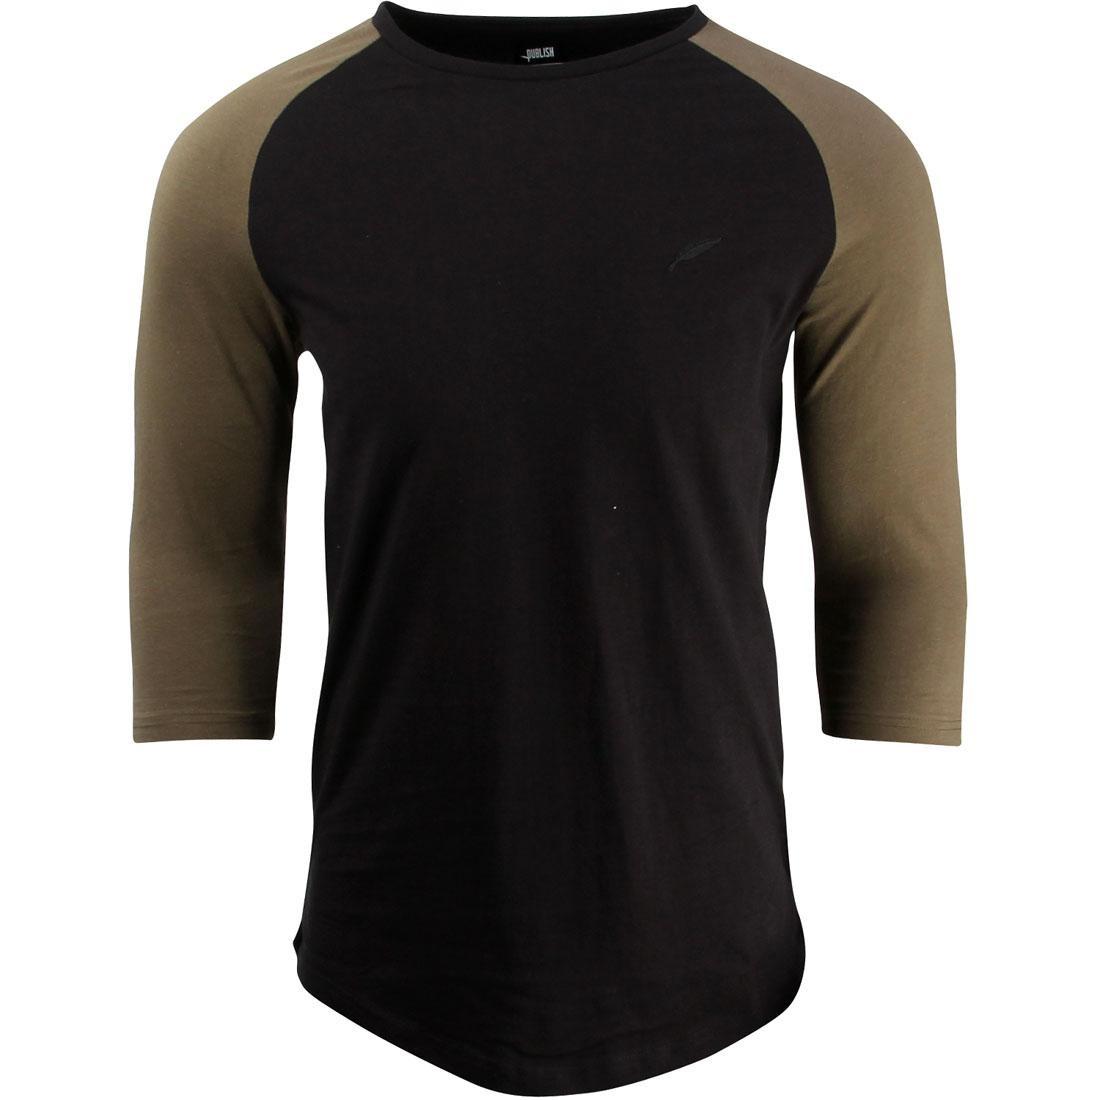 【海外限定】パブリッシュ Tシャツ カットソー 【 PUBLISH MEN FELIX TEE BLACK 】